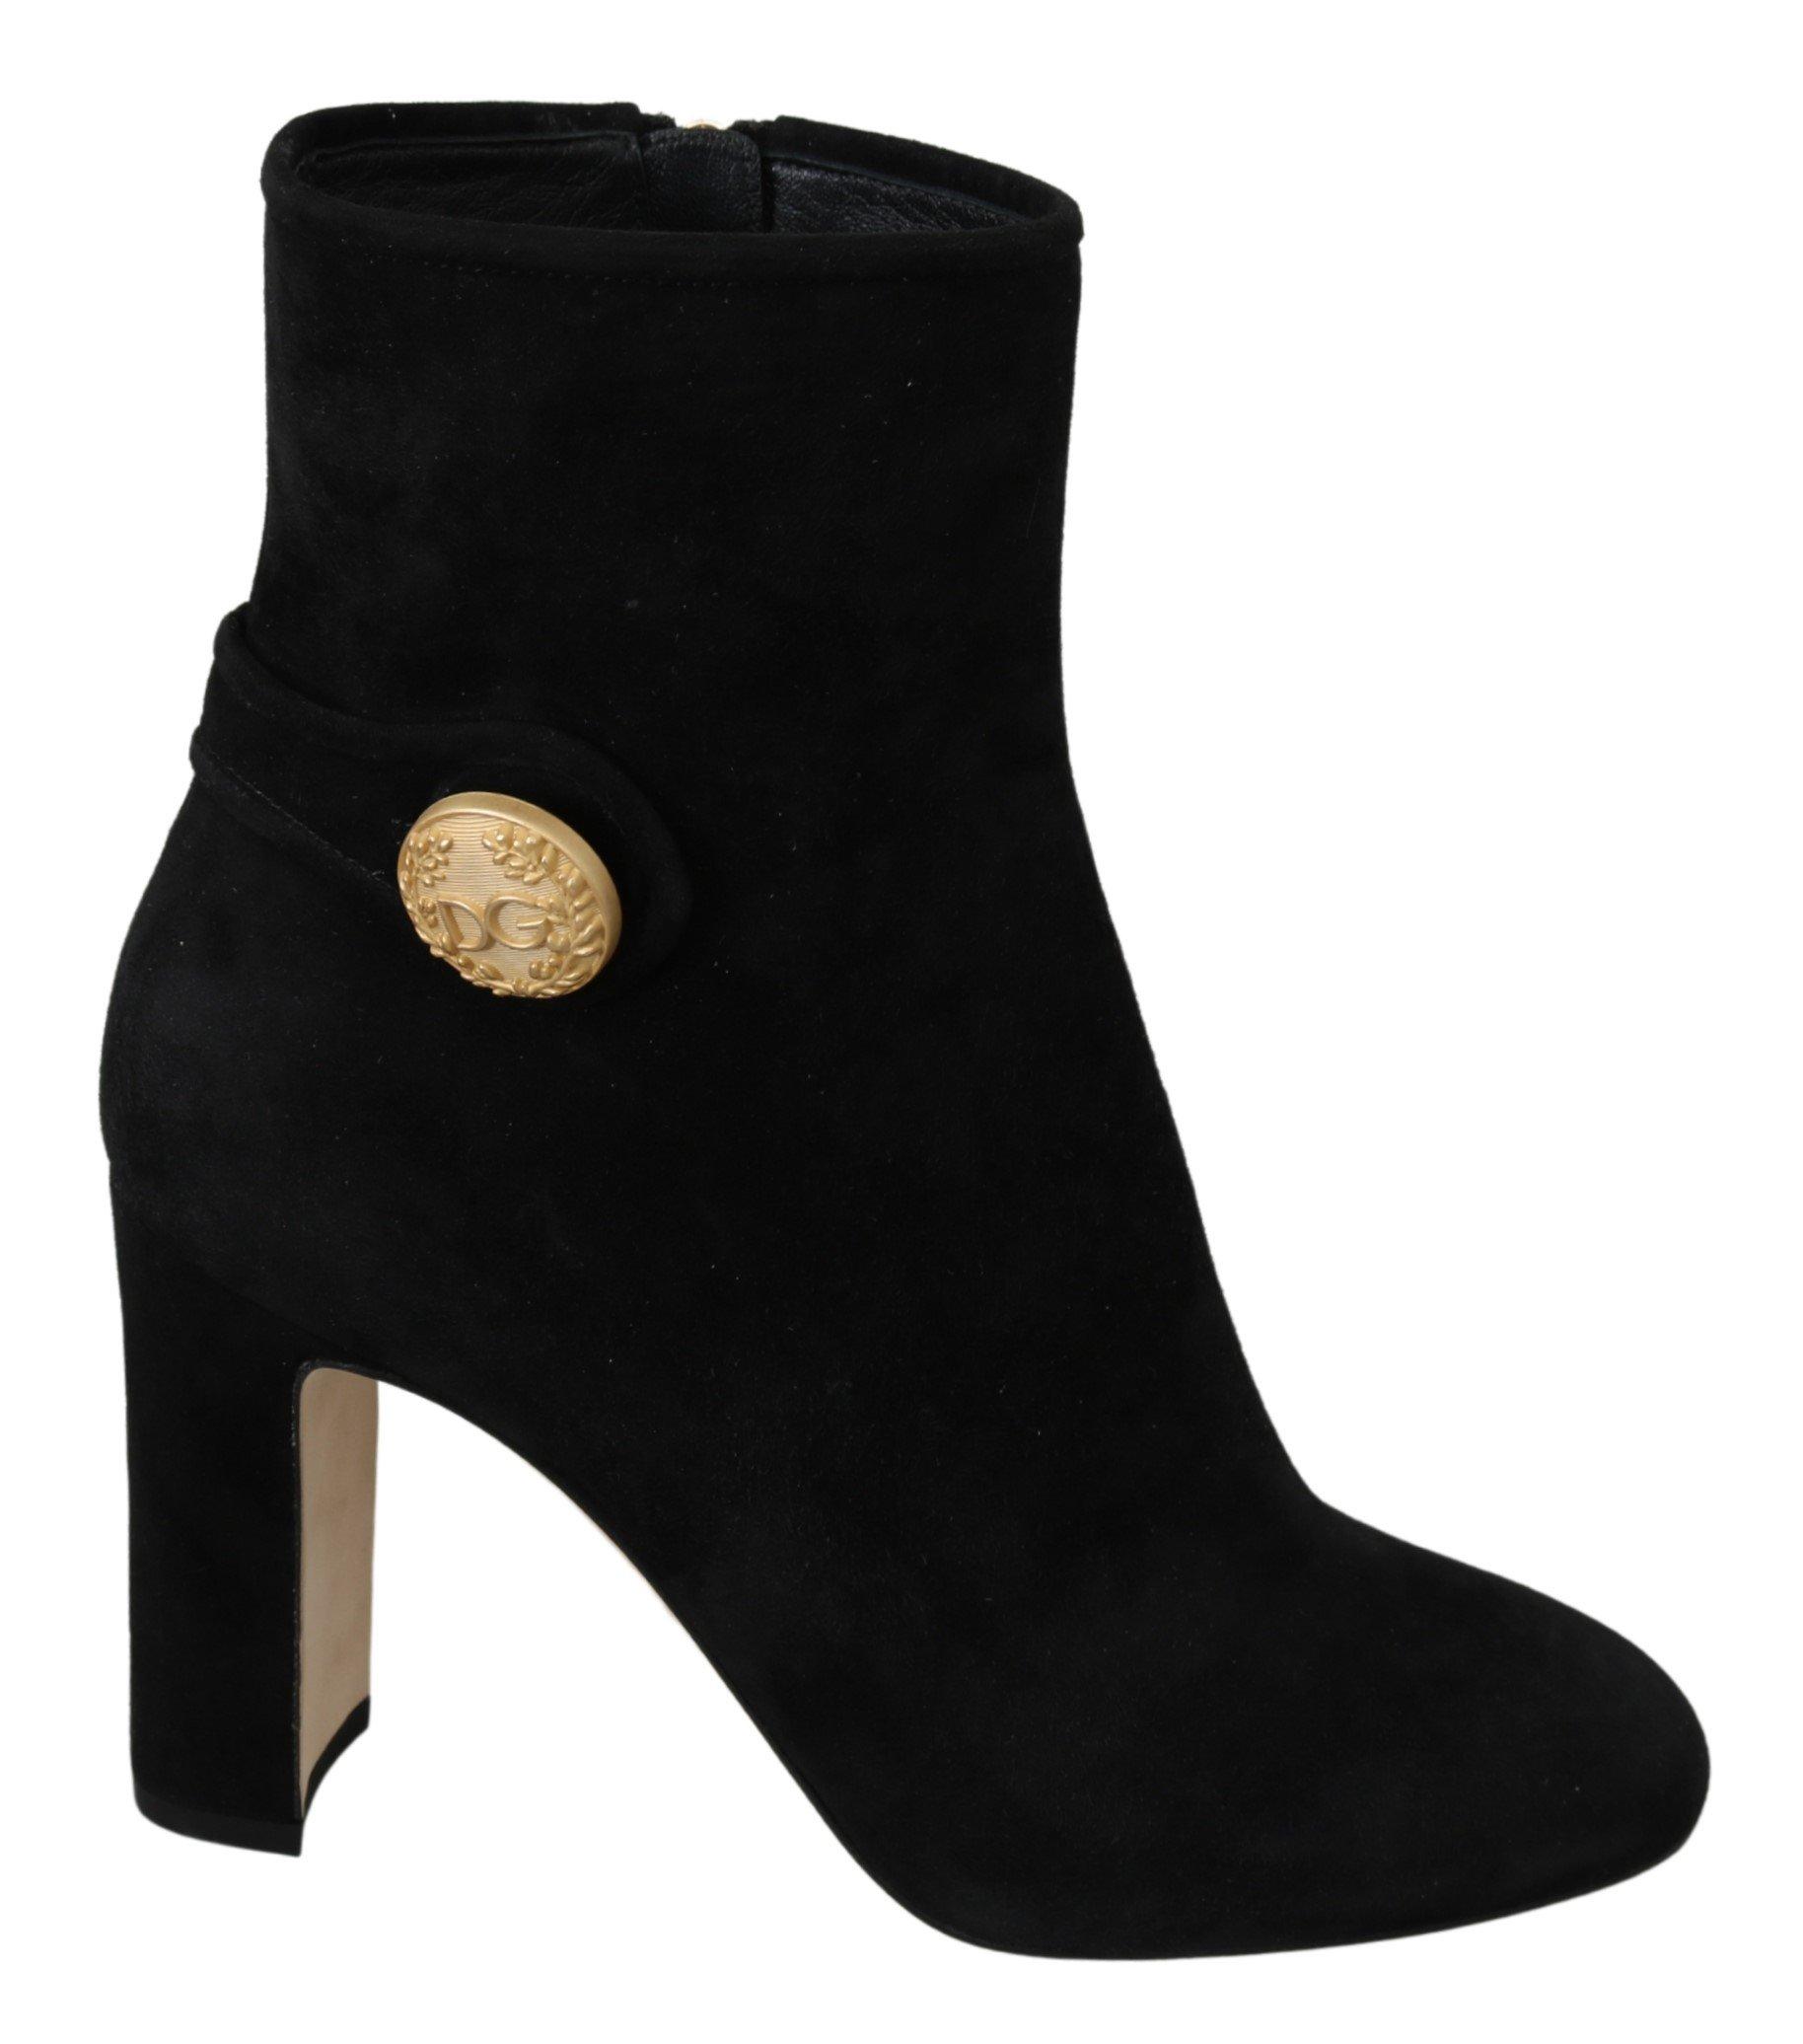 Dolce & Gabbana Women's Suede DG Logo Boots Black LA7047 - EU39/US8.5